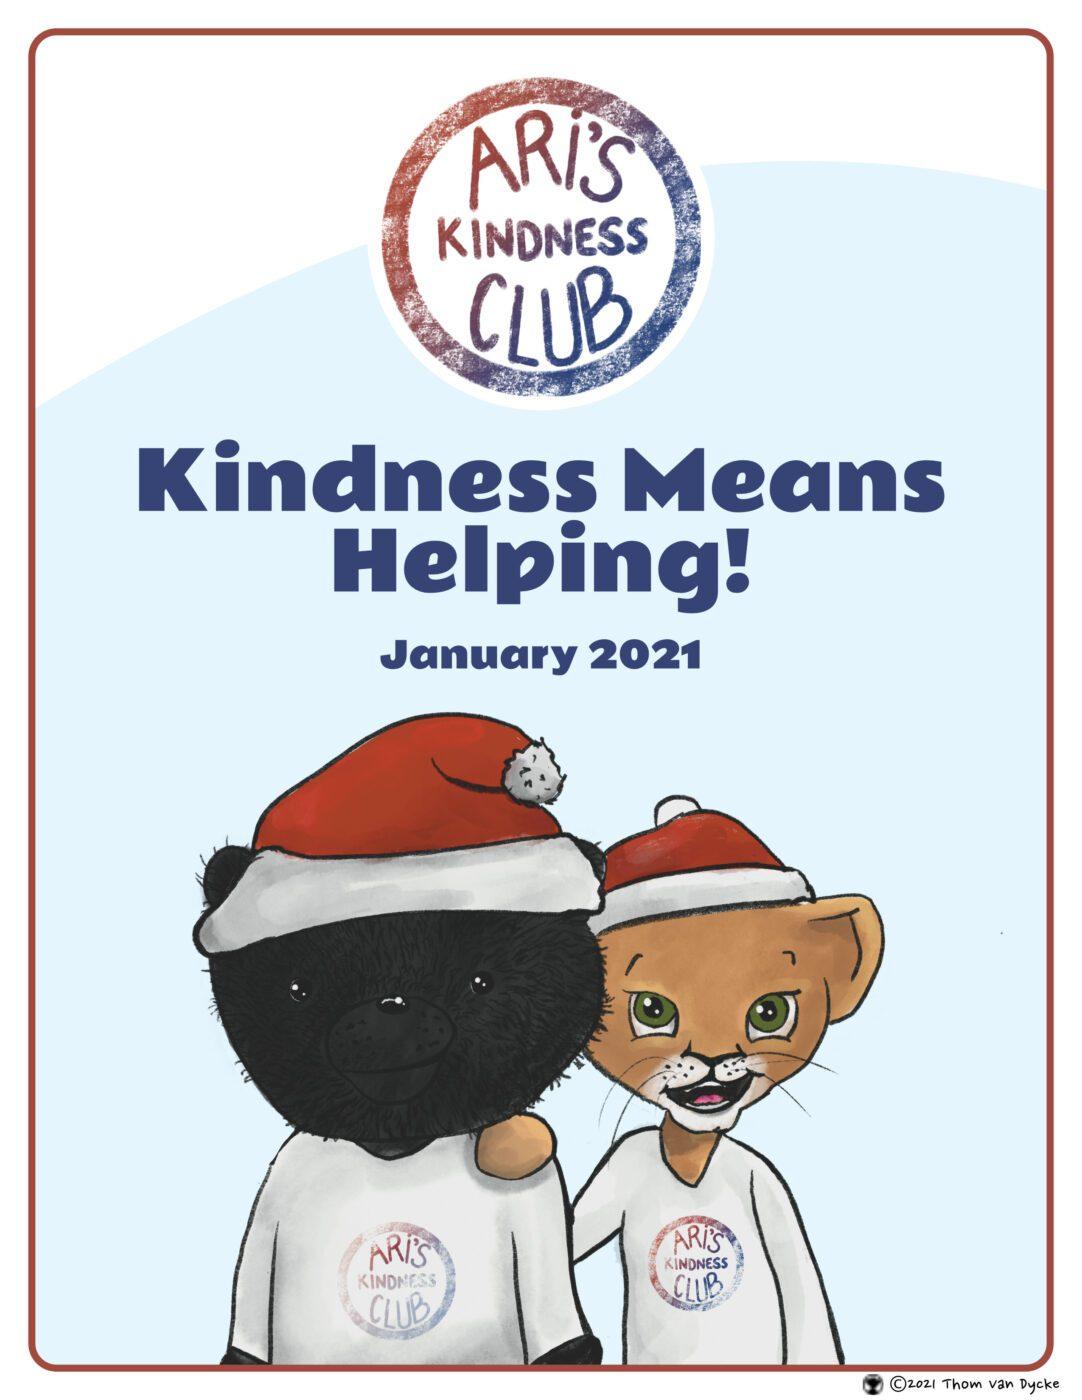 Aris Kindness Club, Kids Helping